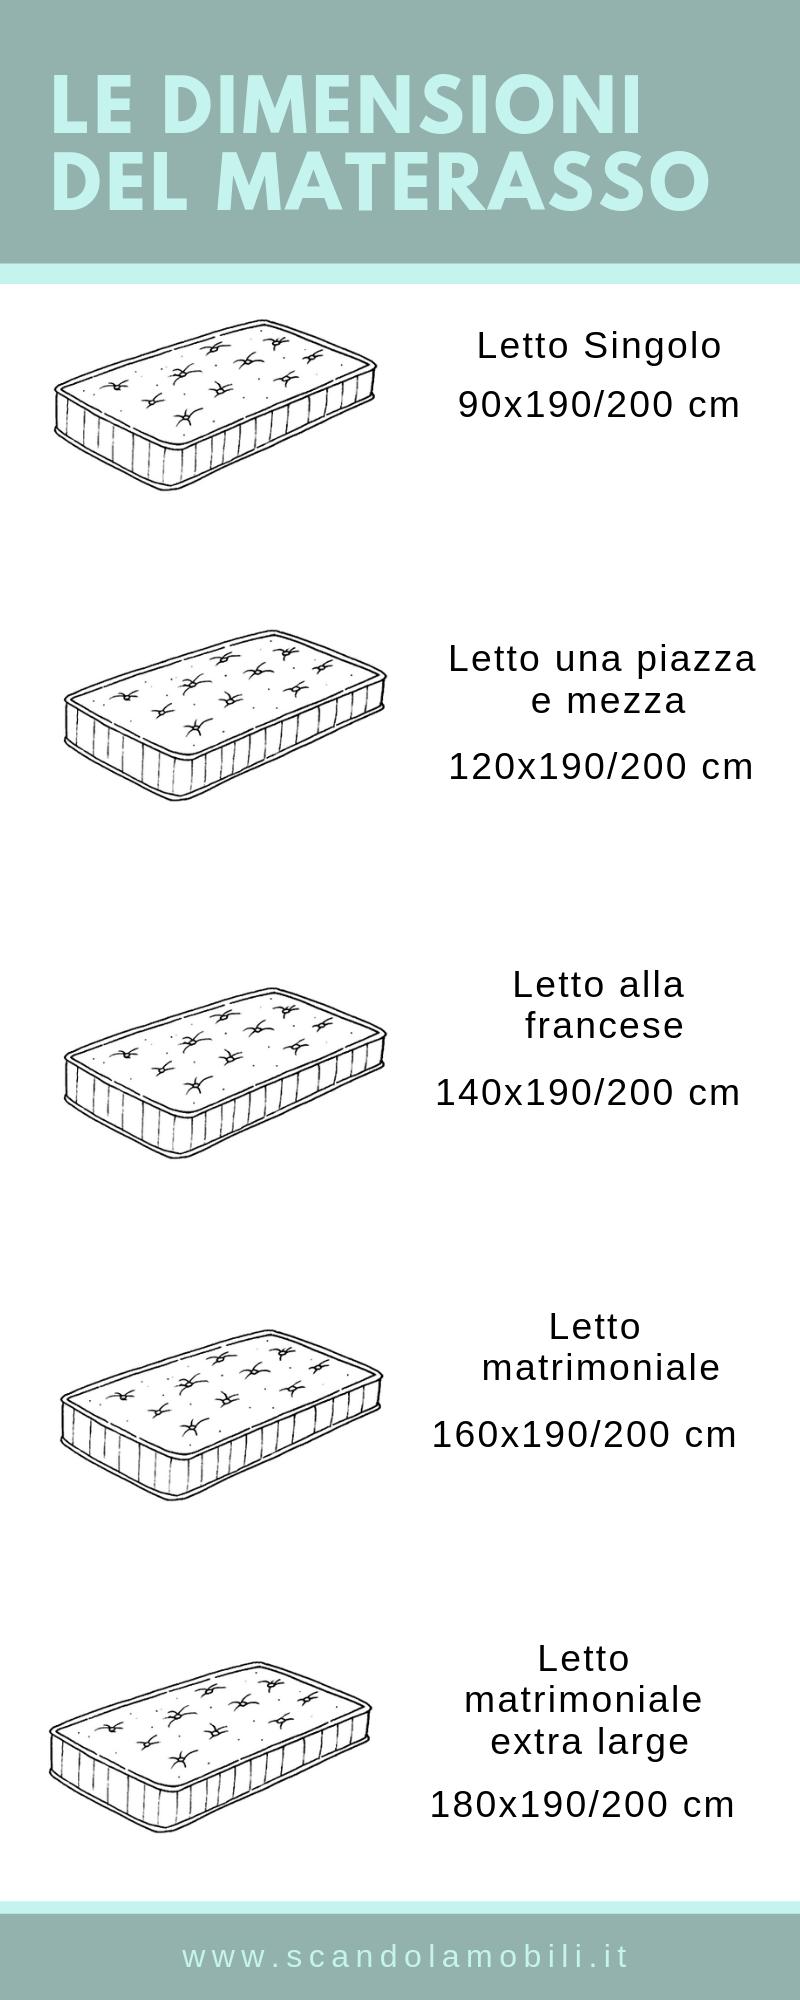 Misure Materassi Standard.Misure Materassi Per Camera E Cameretta Materasso Letto Alla